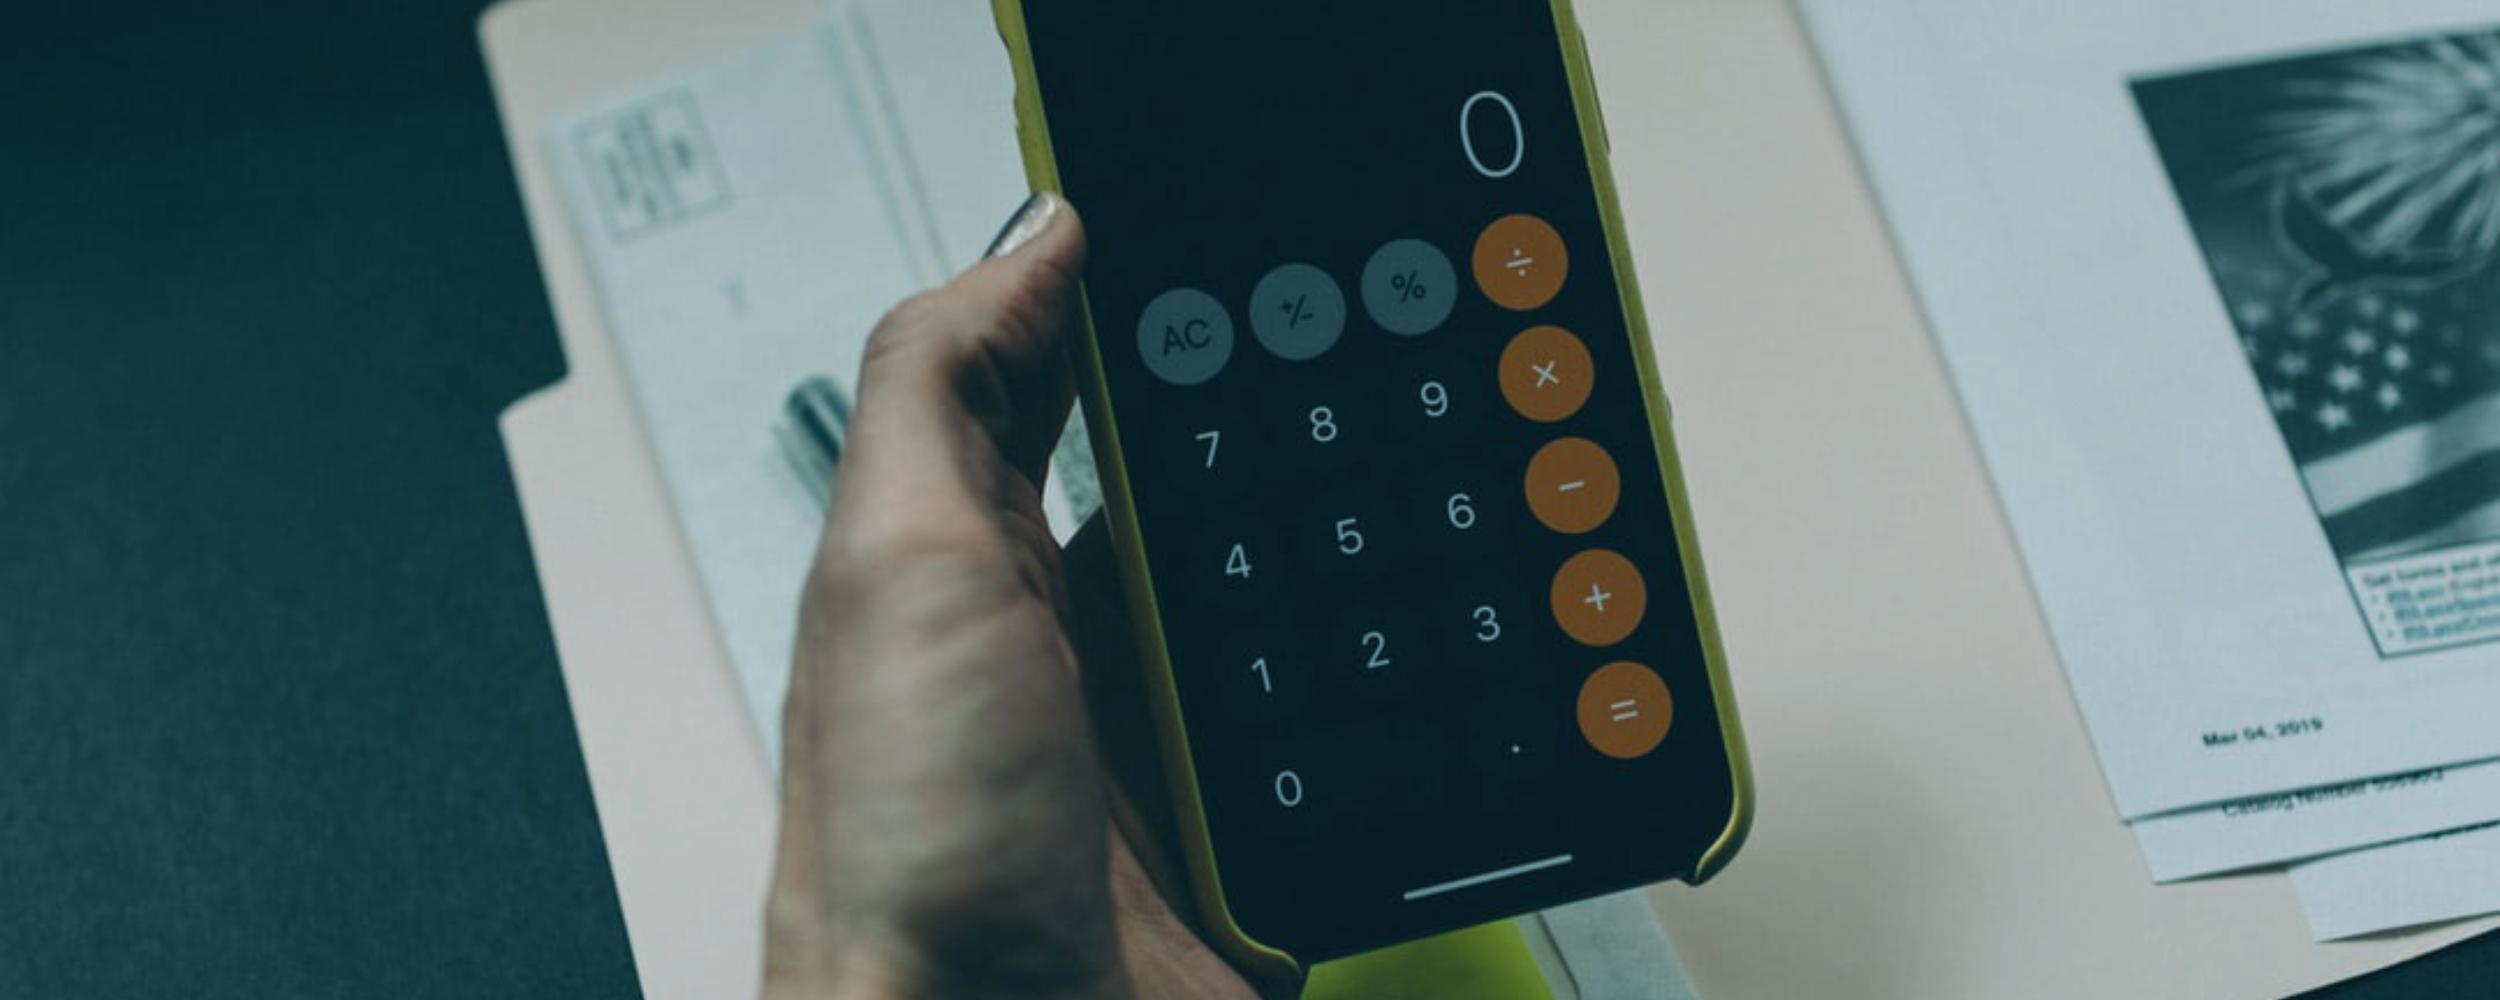 ADICAE lanza una guía de advertencias y consejos para los consumidores de servicios financieros ante la cuarentena